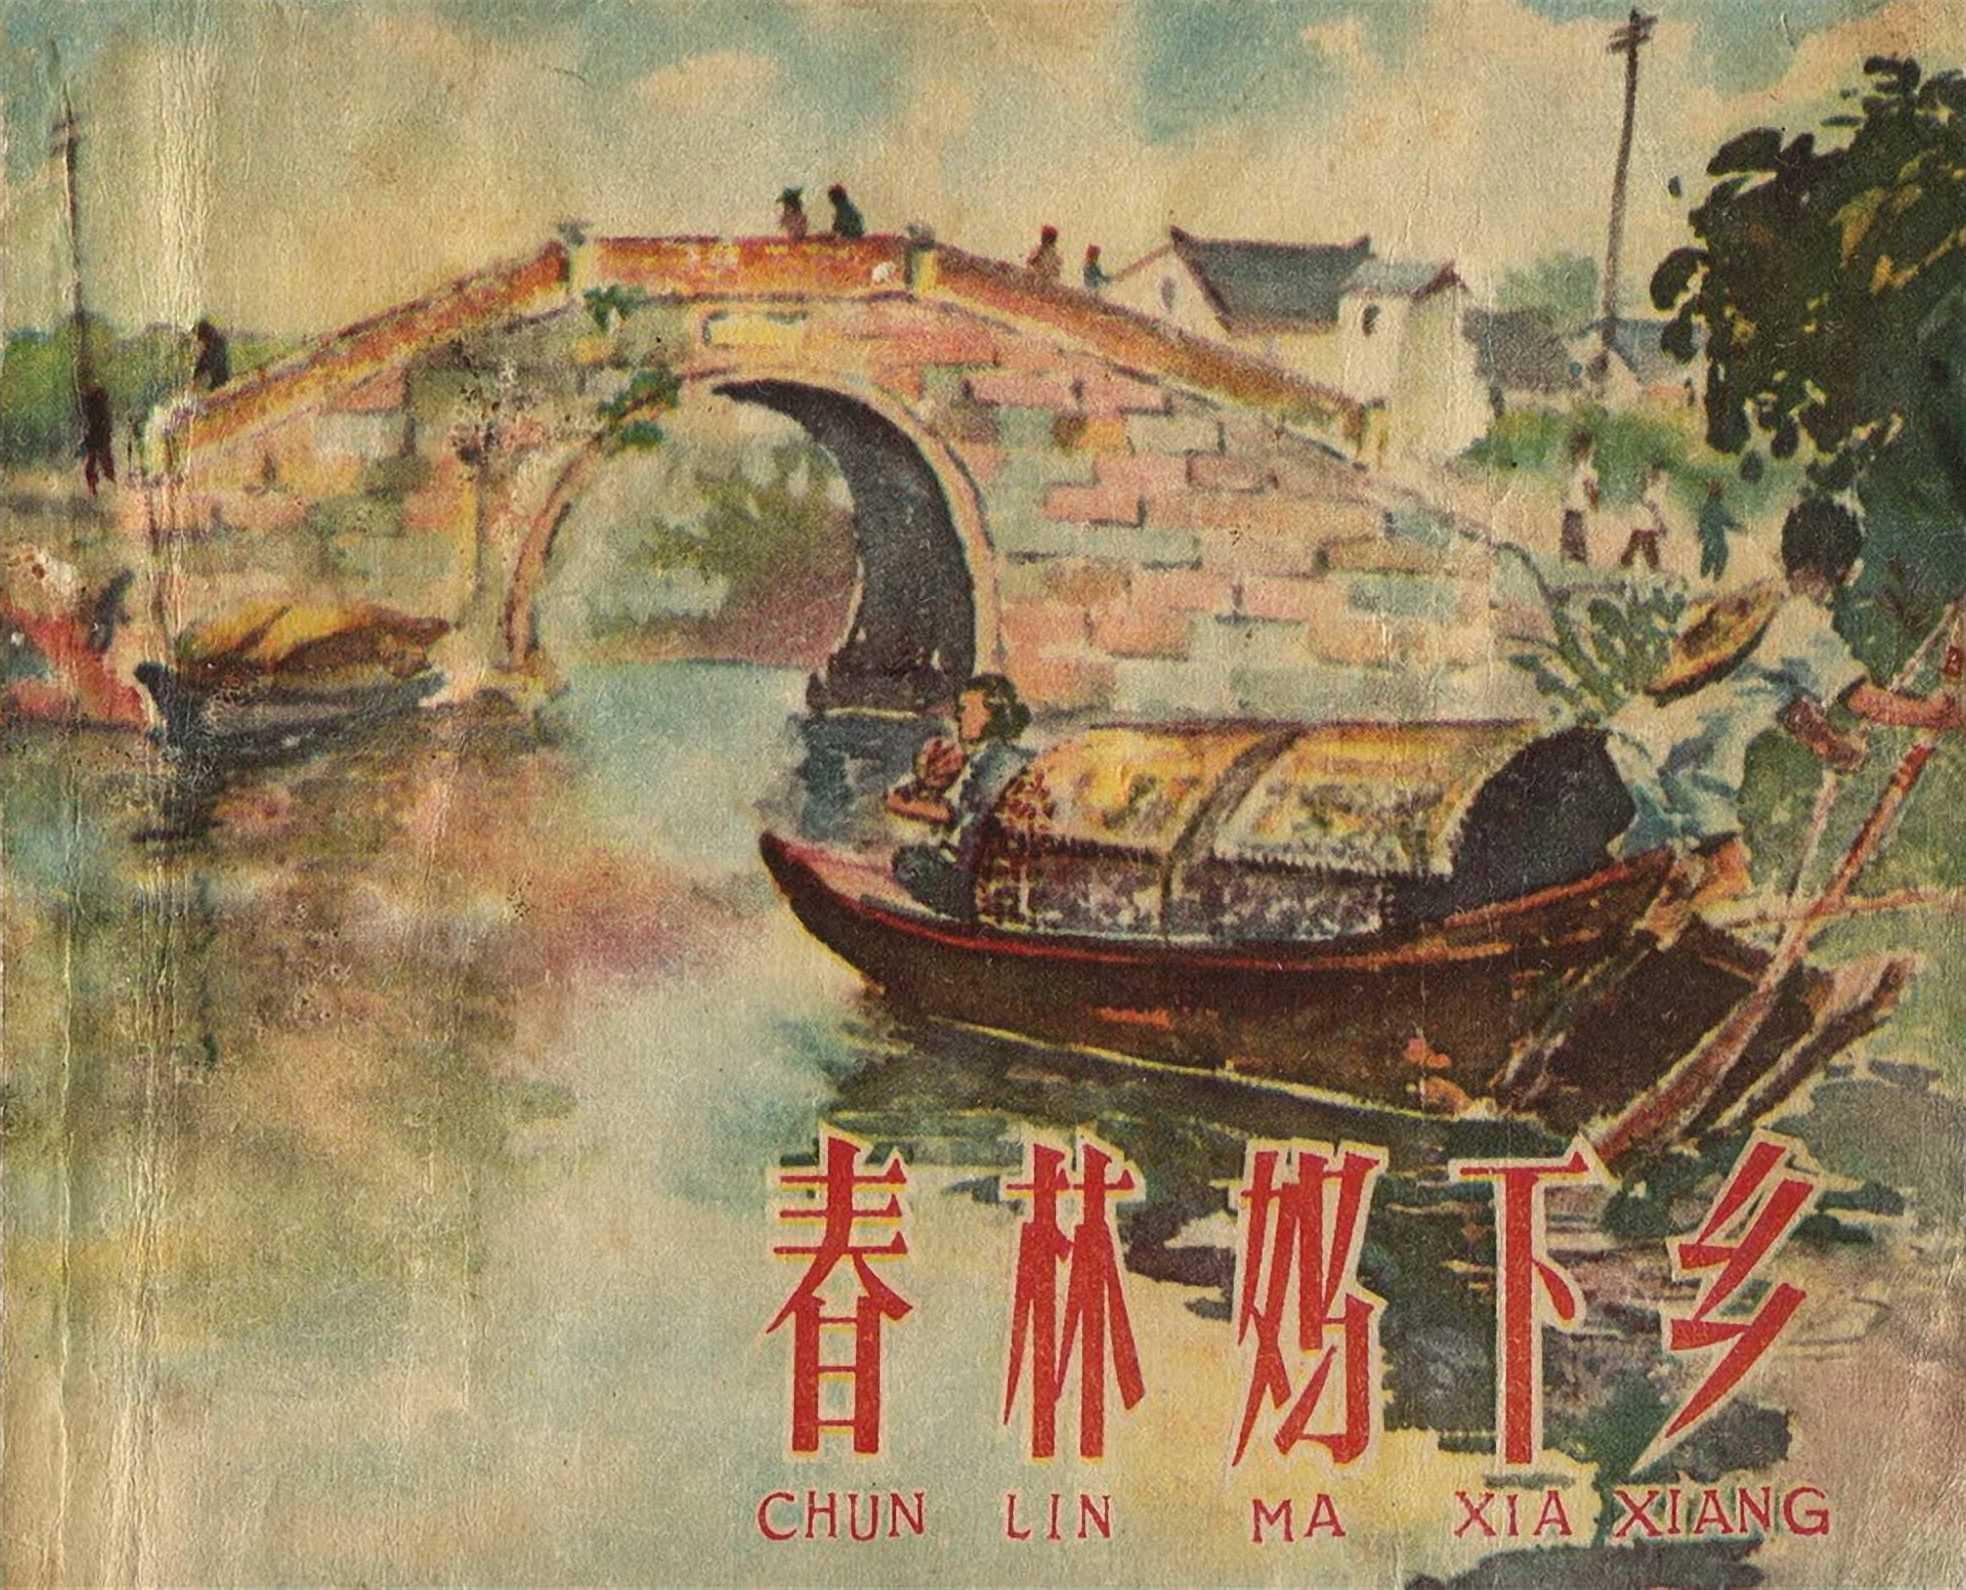 连环画小人书-春林妈下乡(上海人美1958扫描版)